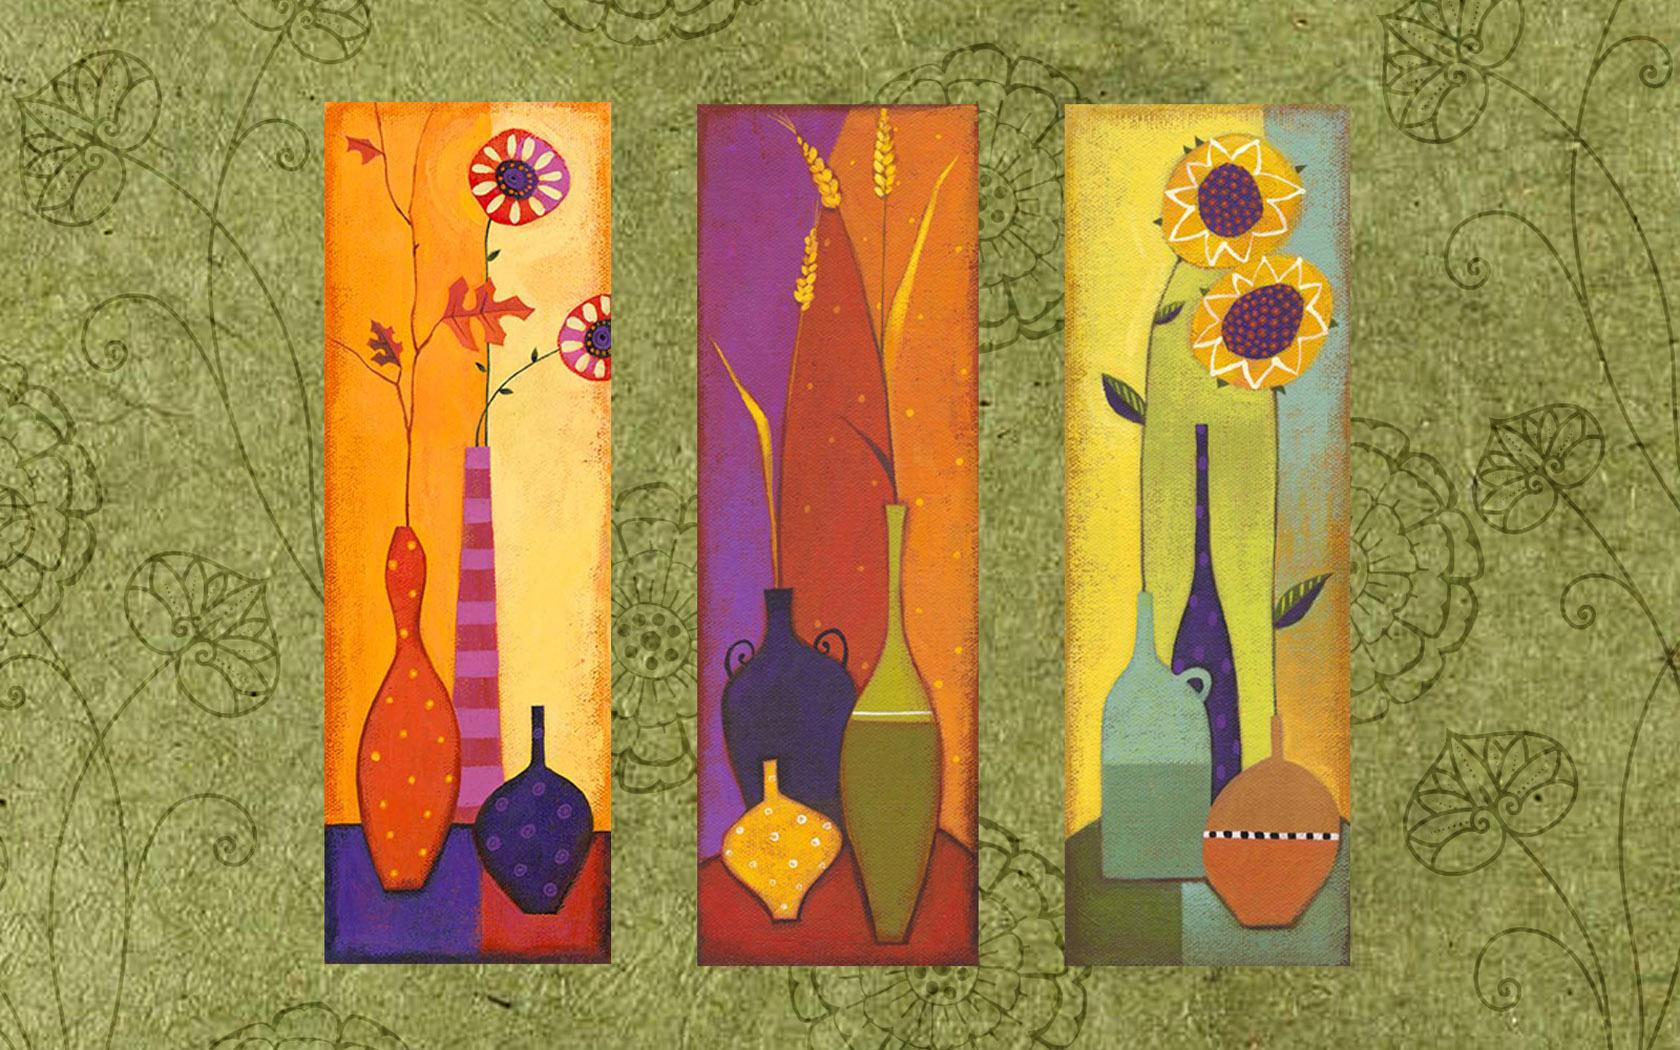 壁纸1680×1050艺术花卉壁纸 抽象花卉插画壁纸壁纸 艺术与抽象花卉壁纸壁纸图片花卉壁纸花卉图片素材桌面壁纸